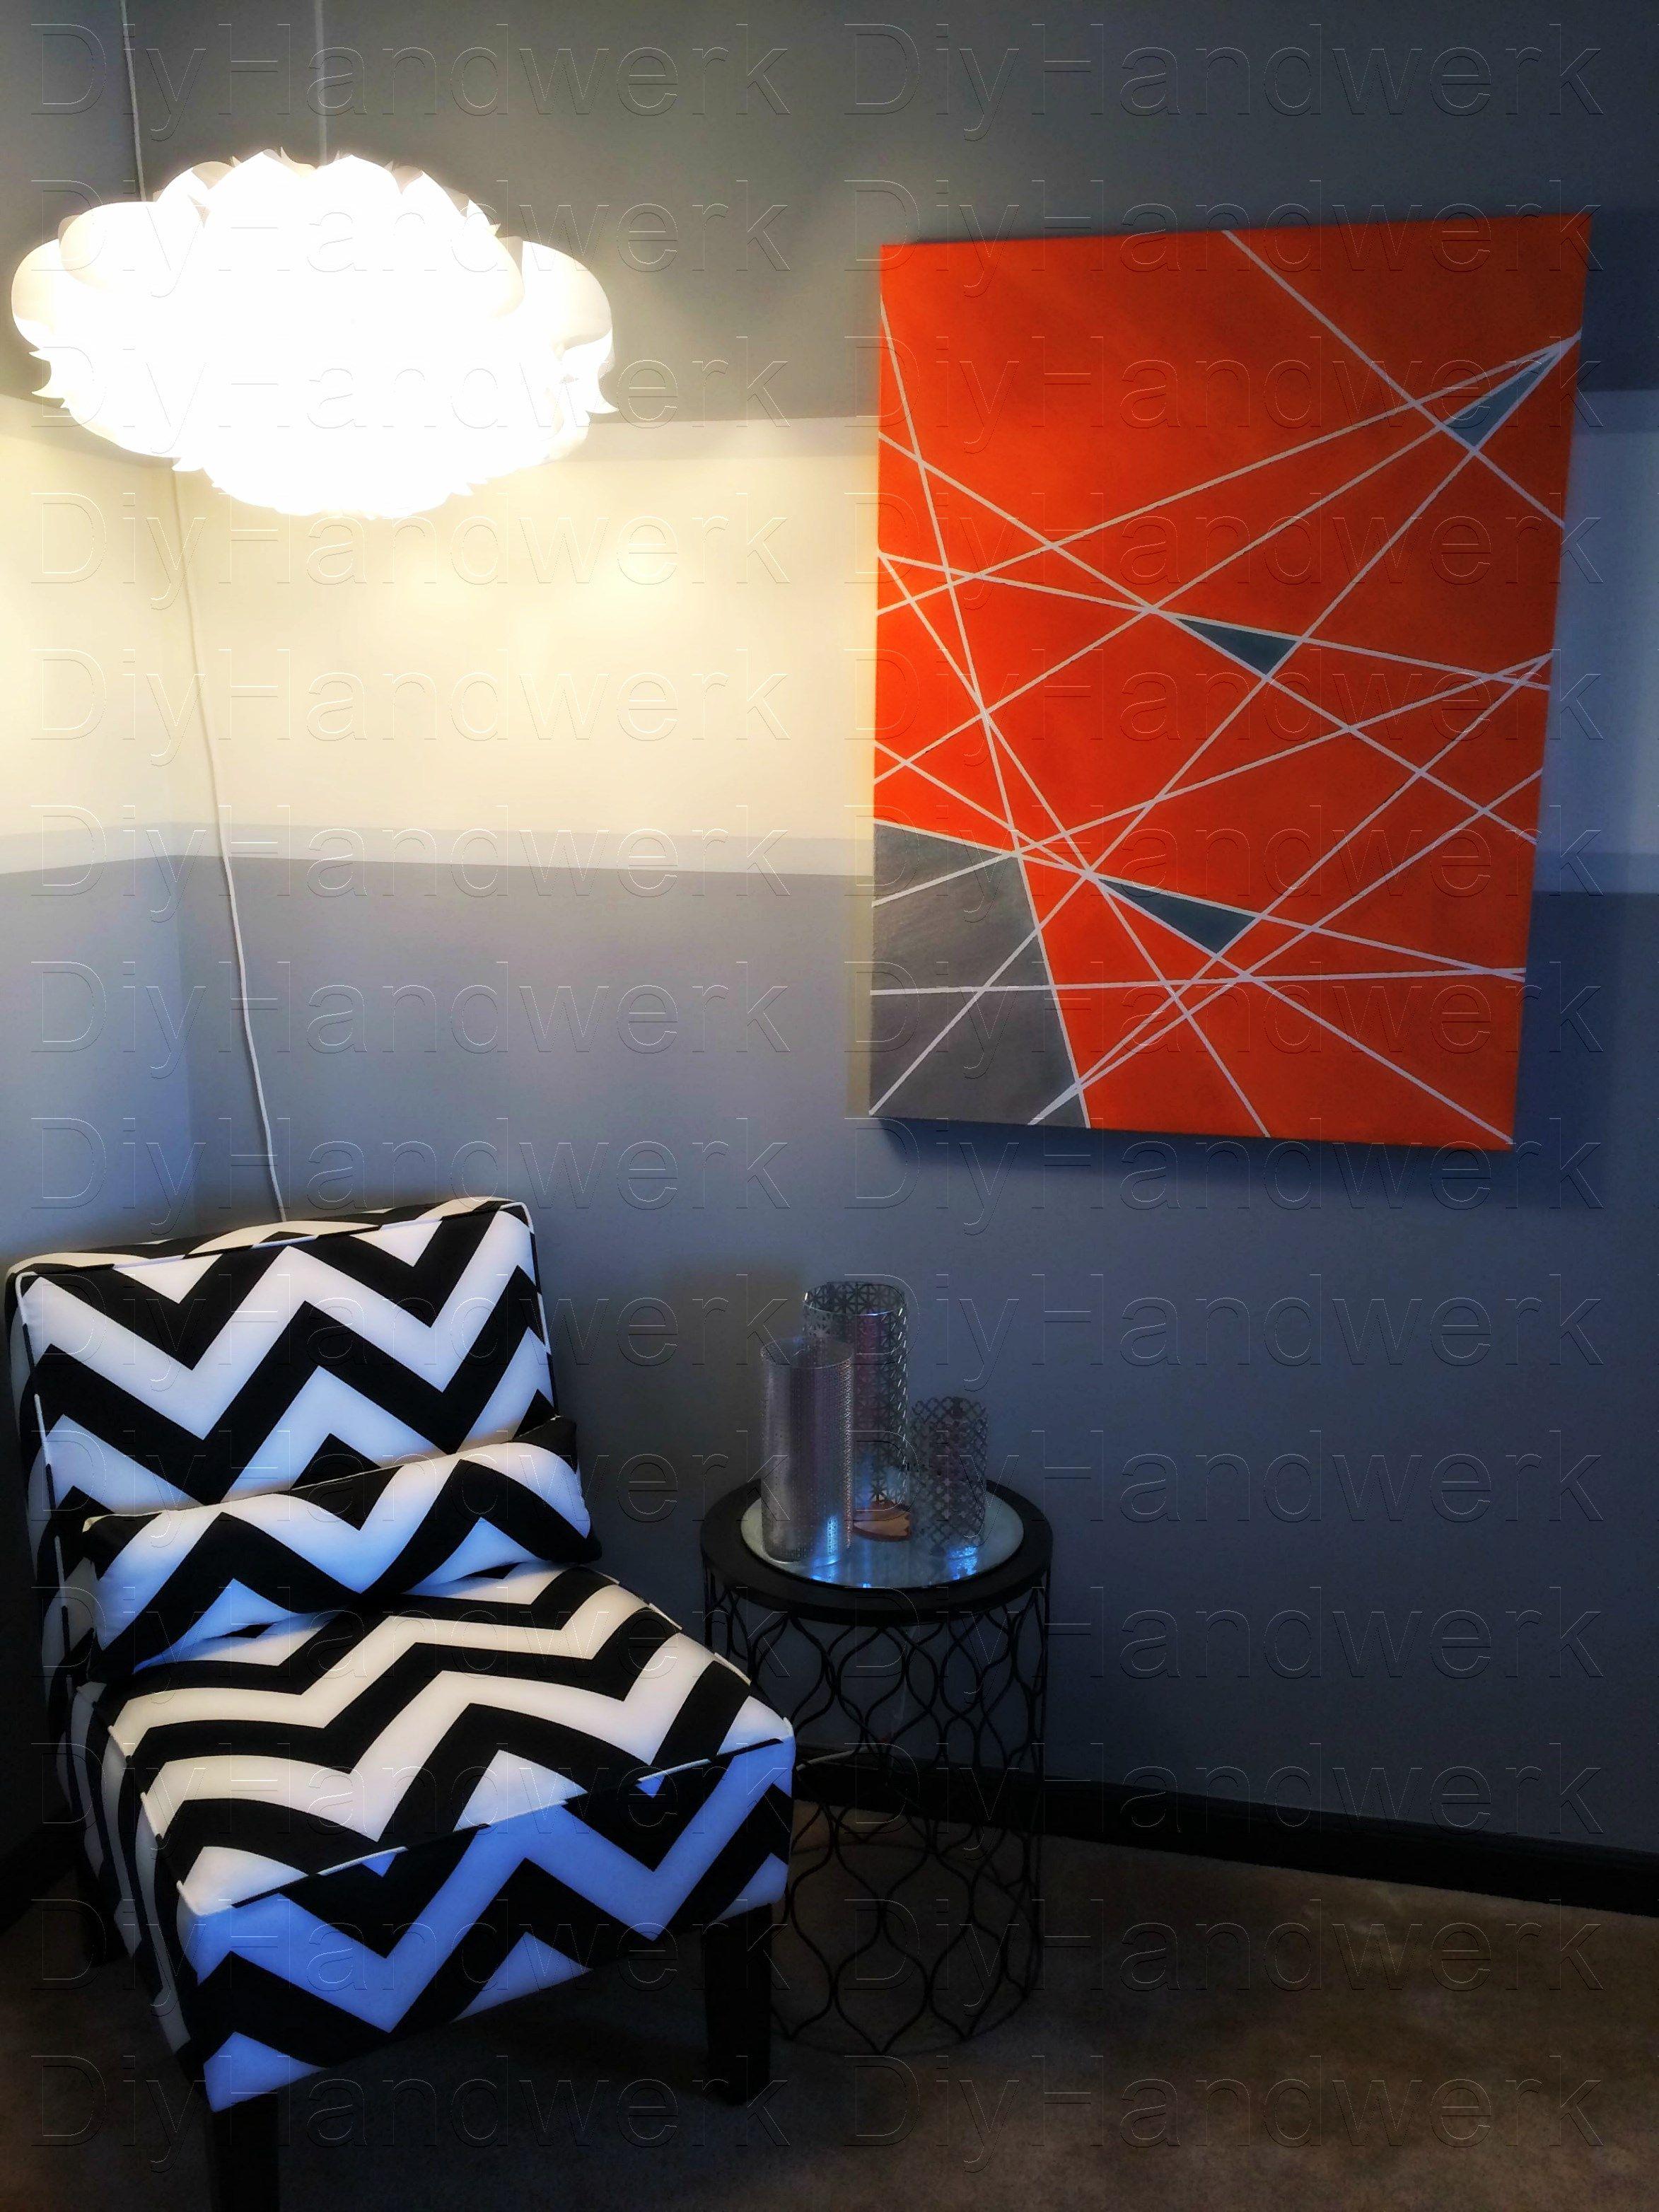 MINI WINDREDES malte eine ursprüngliche hölzerne Blockwandkunstdepodol, ineedtopaint, paint,